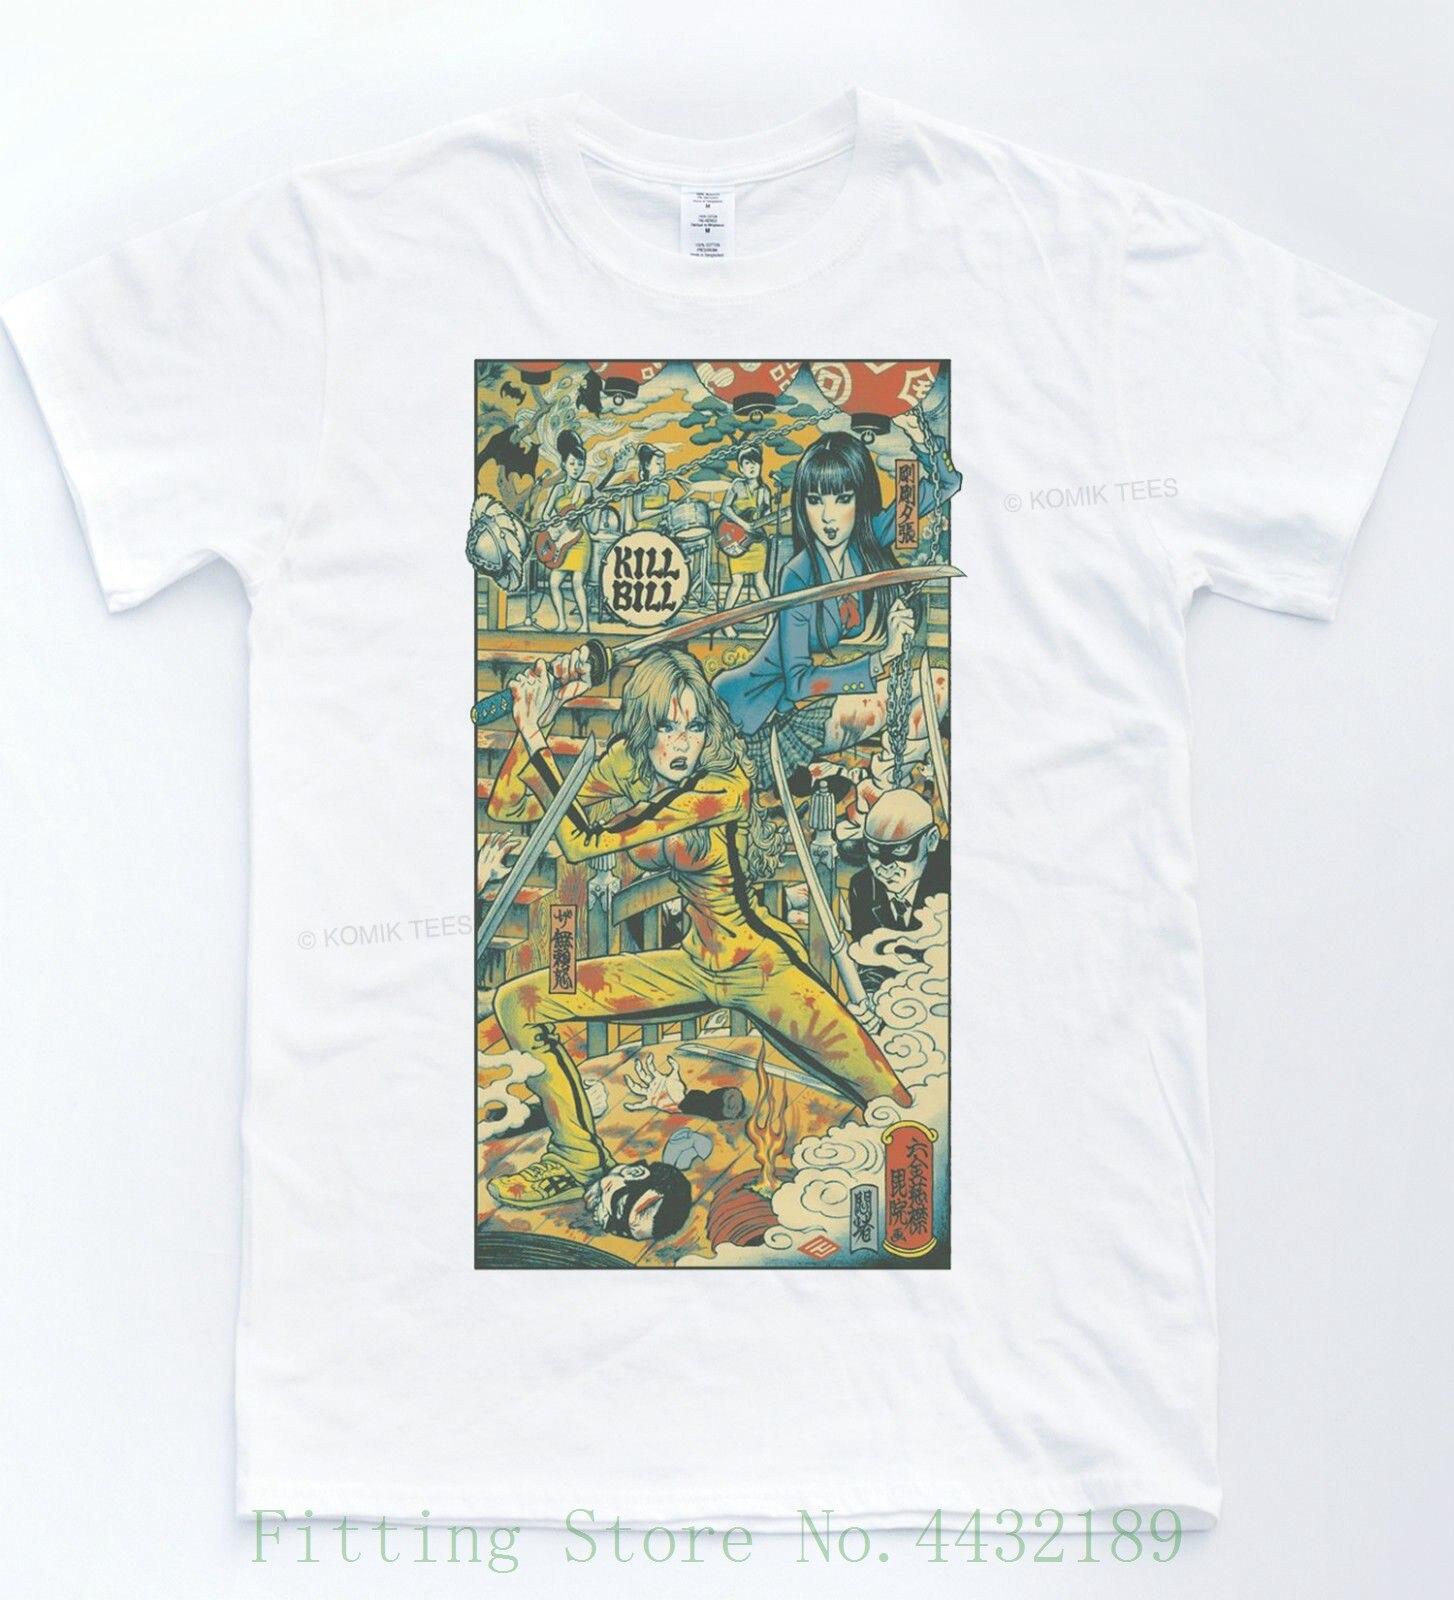 kill-bill-sketch-poster-t-shirt-indie-cult-film-katana-comic-tee-font-b-tarantino-b-font-top-print-tee-shirts